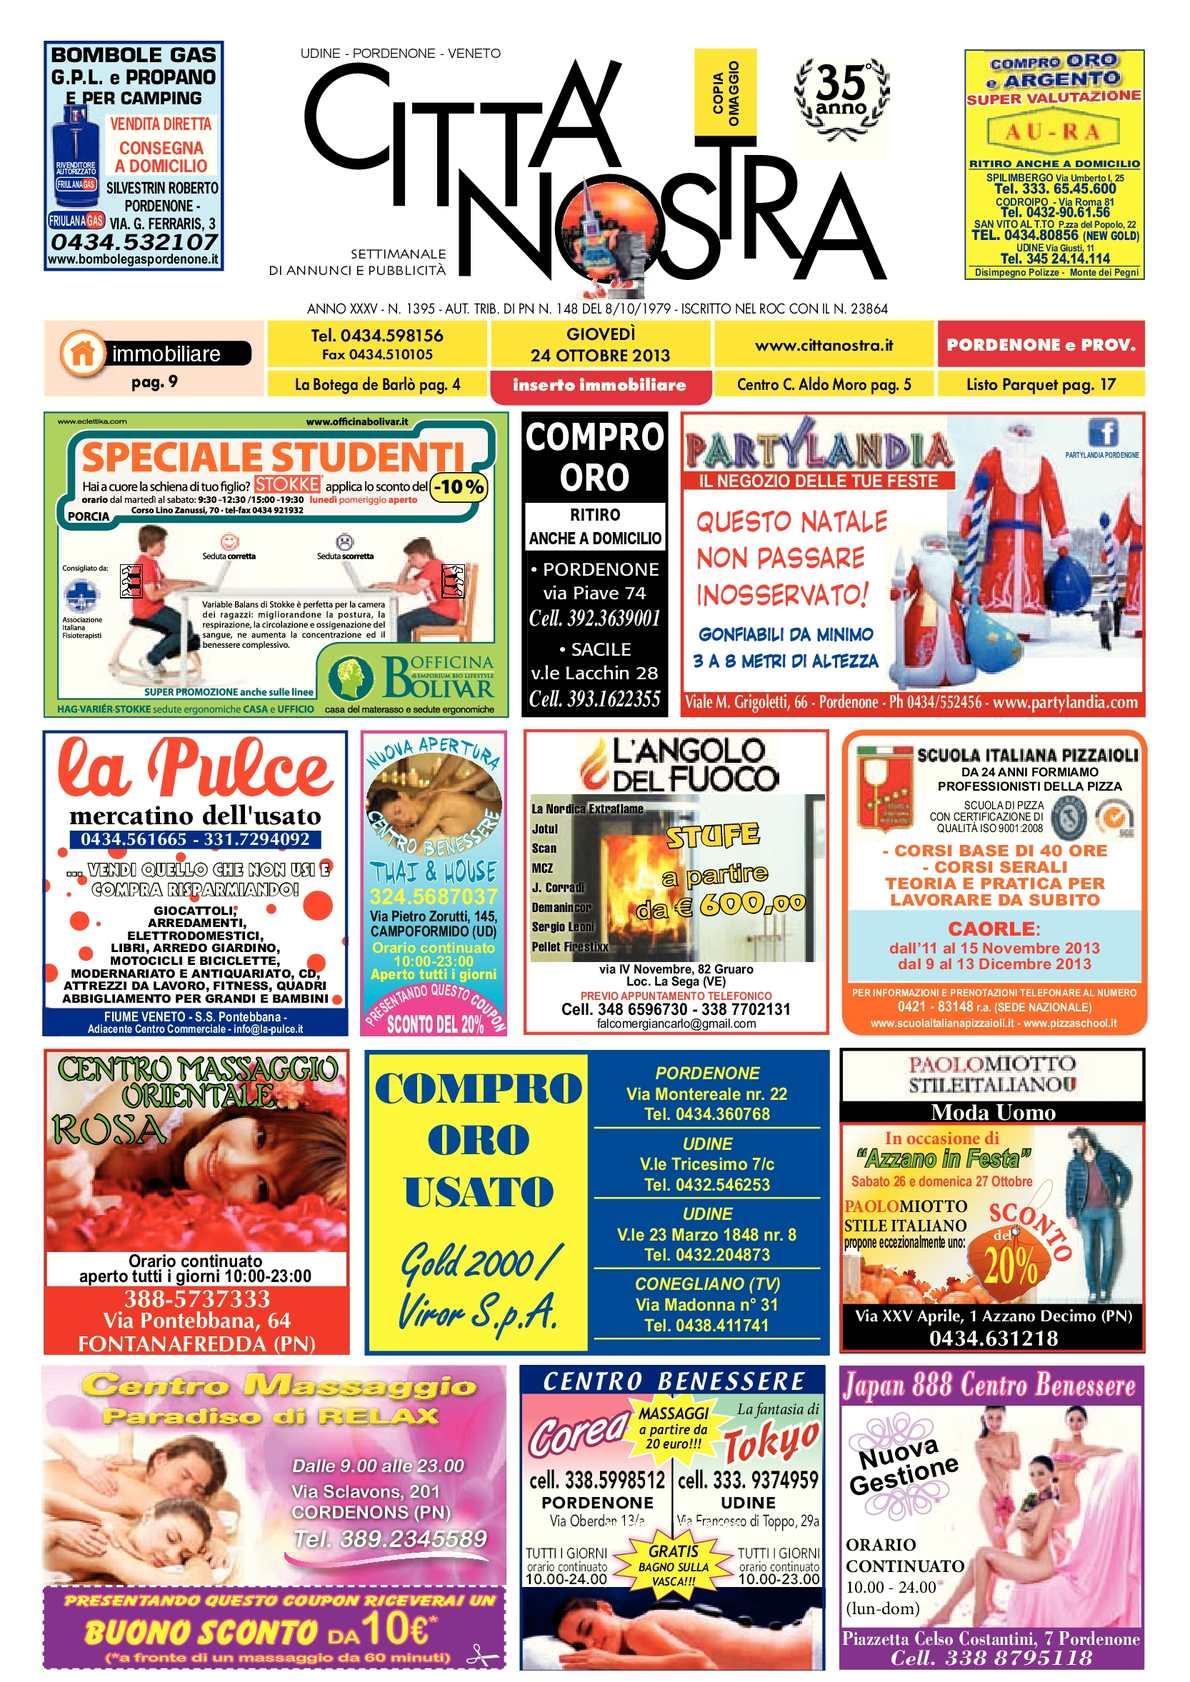 calaméo - città nostra pordenone del 24.10.2013 n. 1395 - La Sede Del Progetto E Larredamento Propan